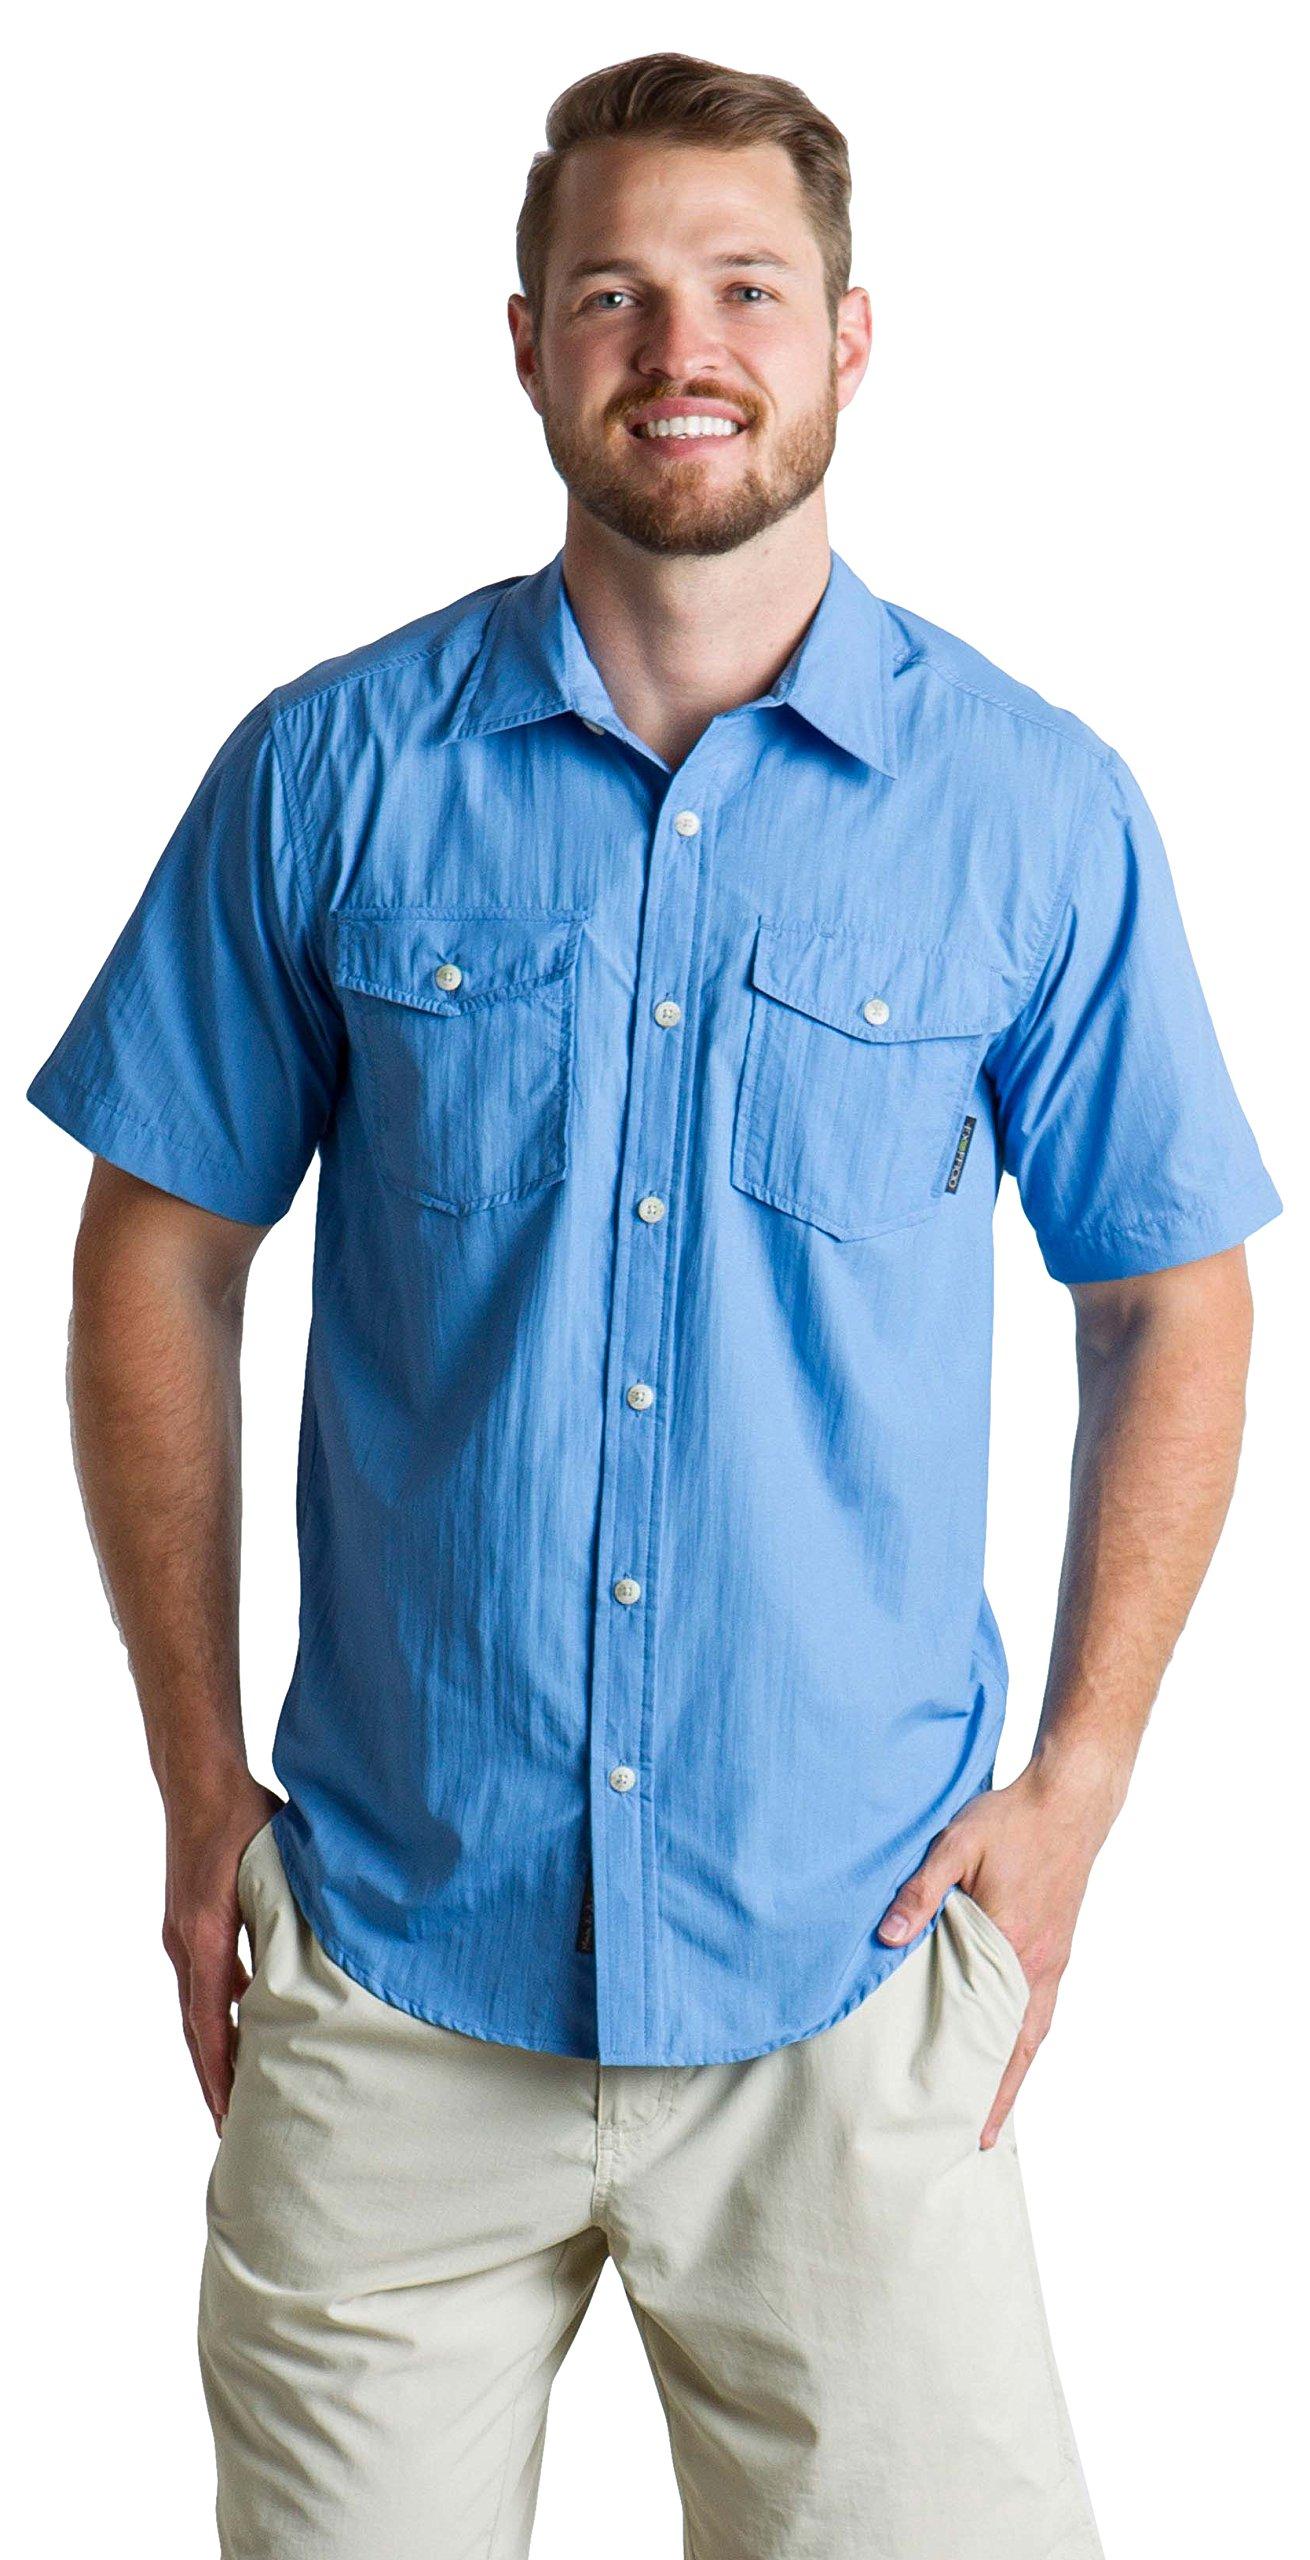 ExOfficio Men's Syros Breathable Short-Sleeve Shirt, Silverlake, Large